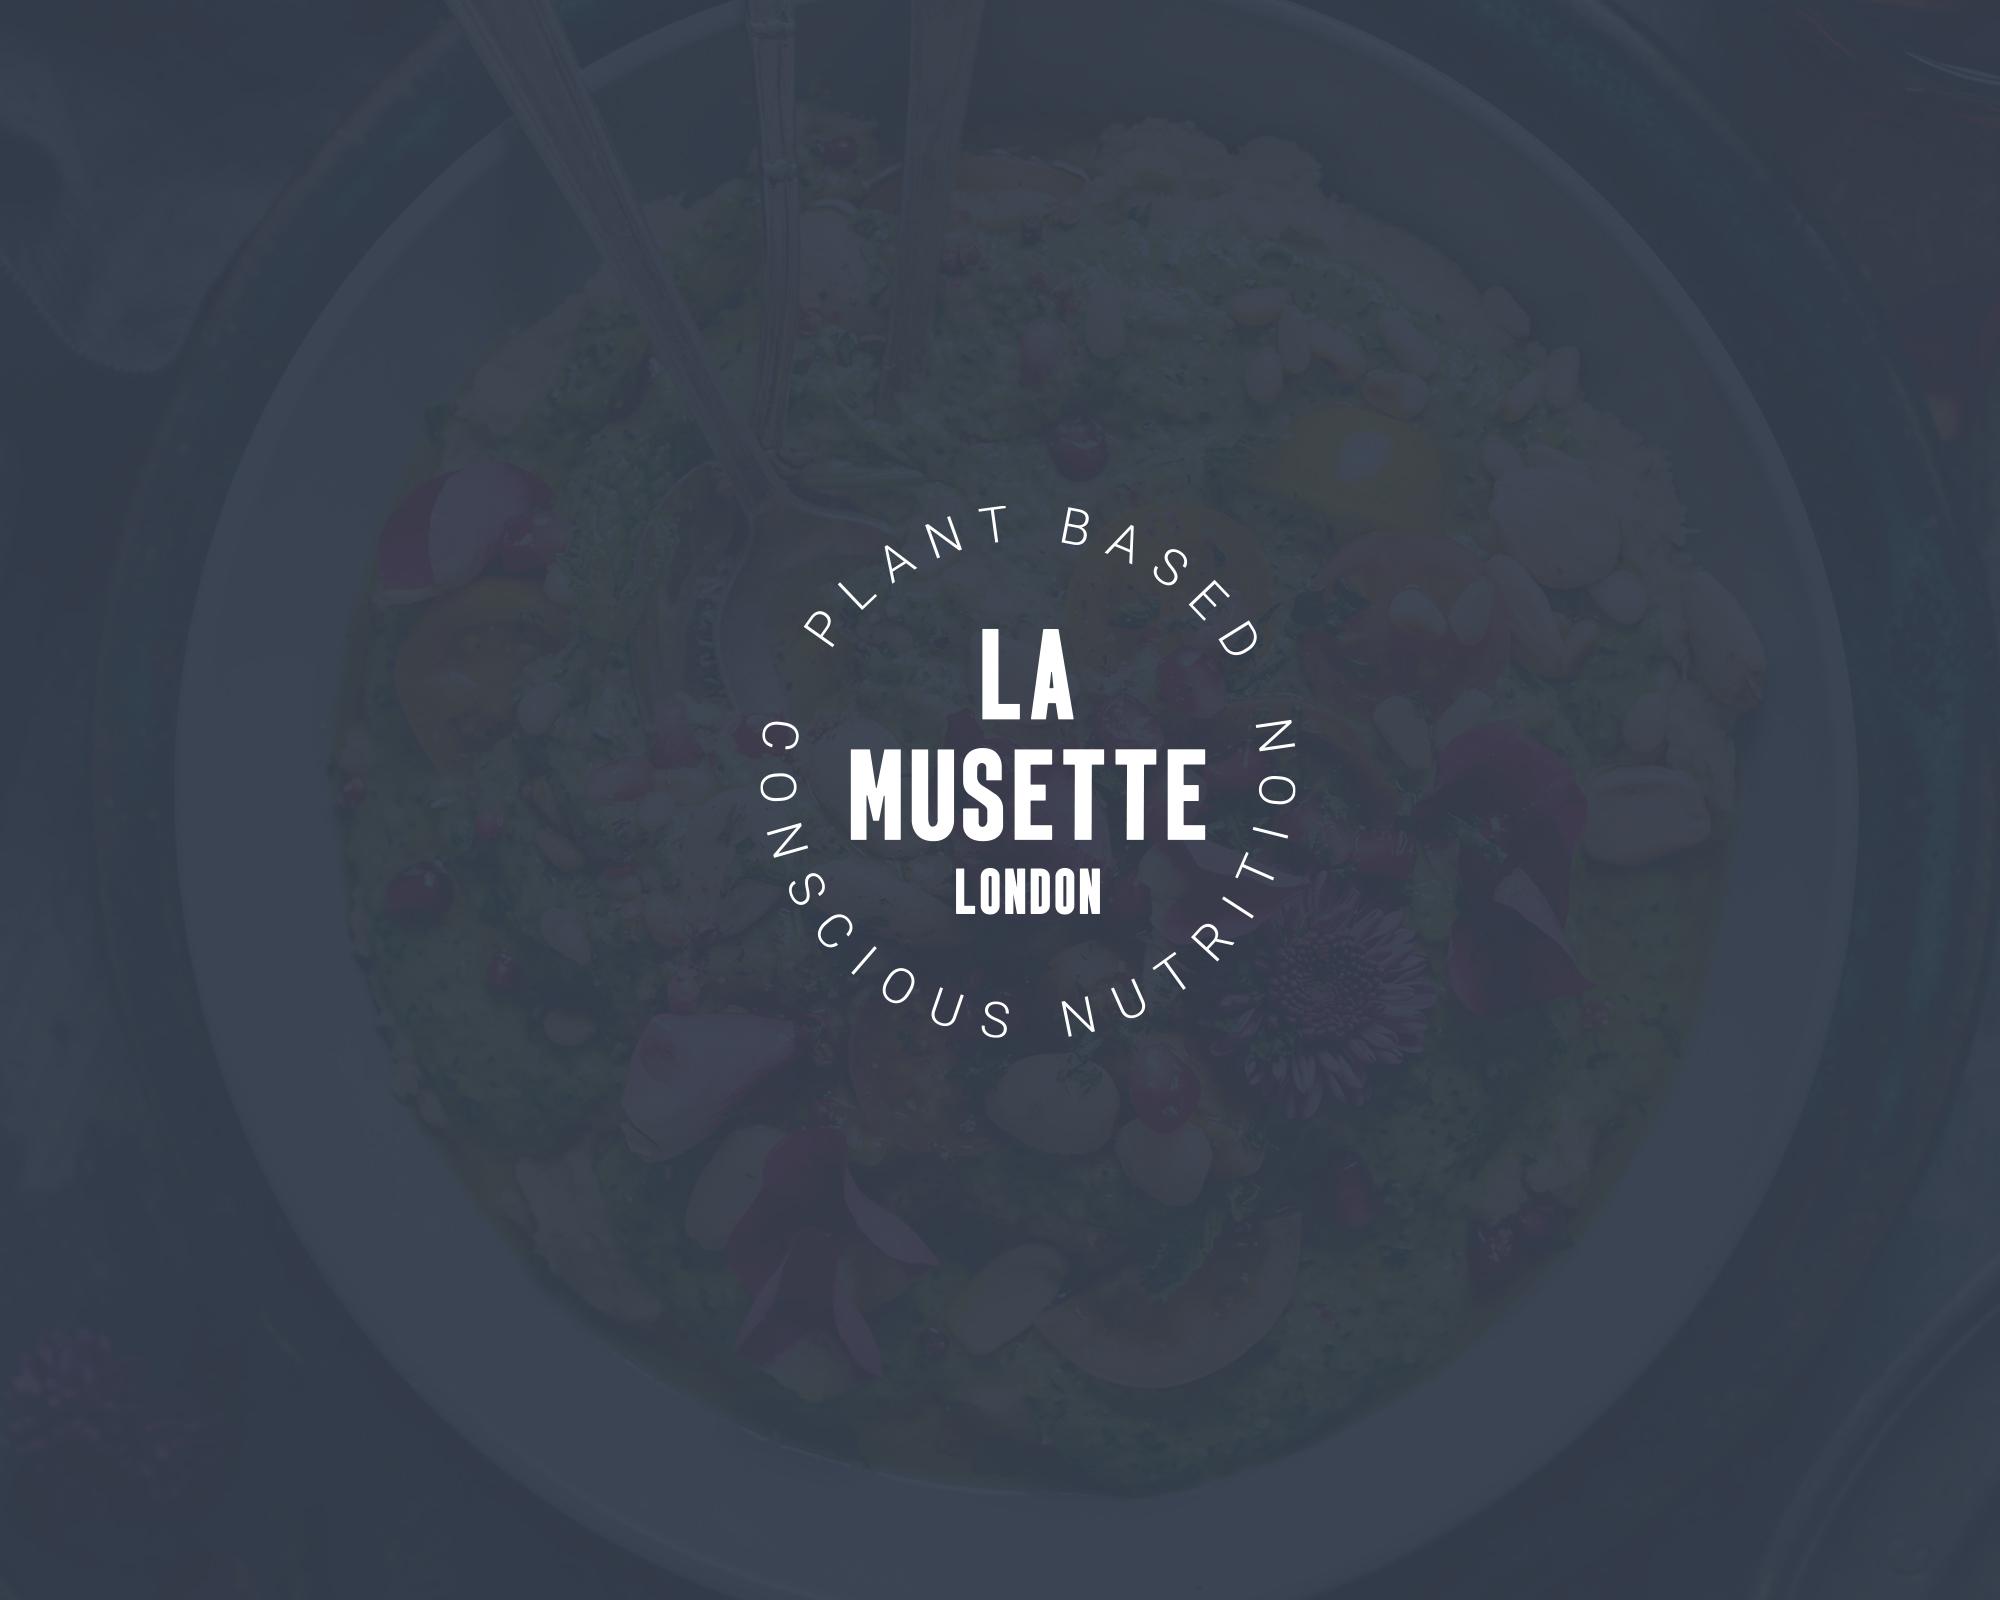 LML_Landscape_Full